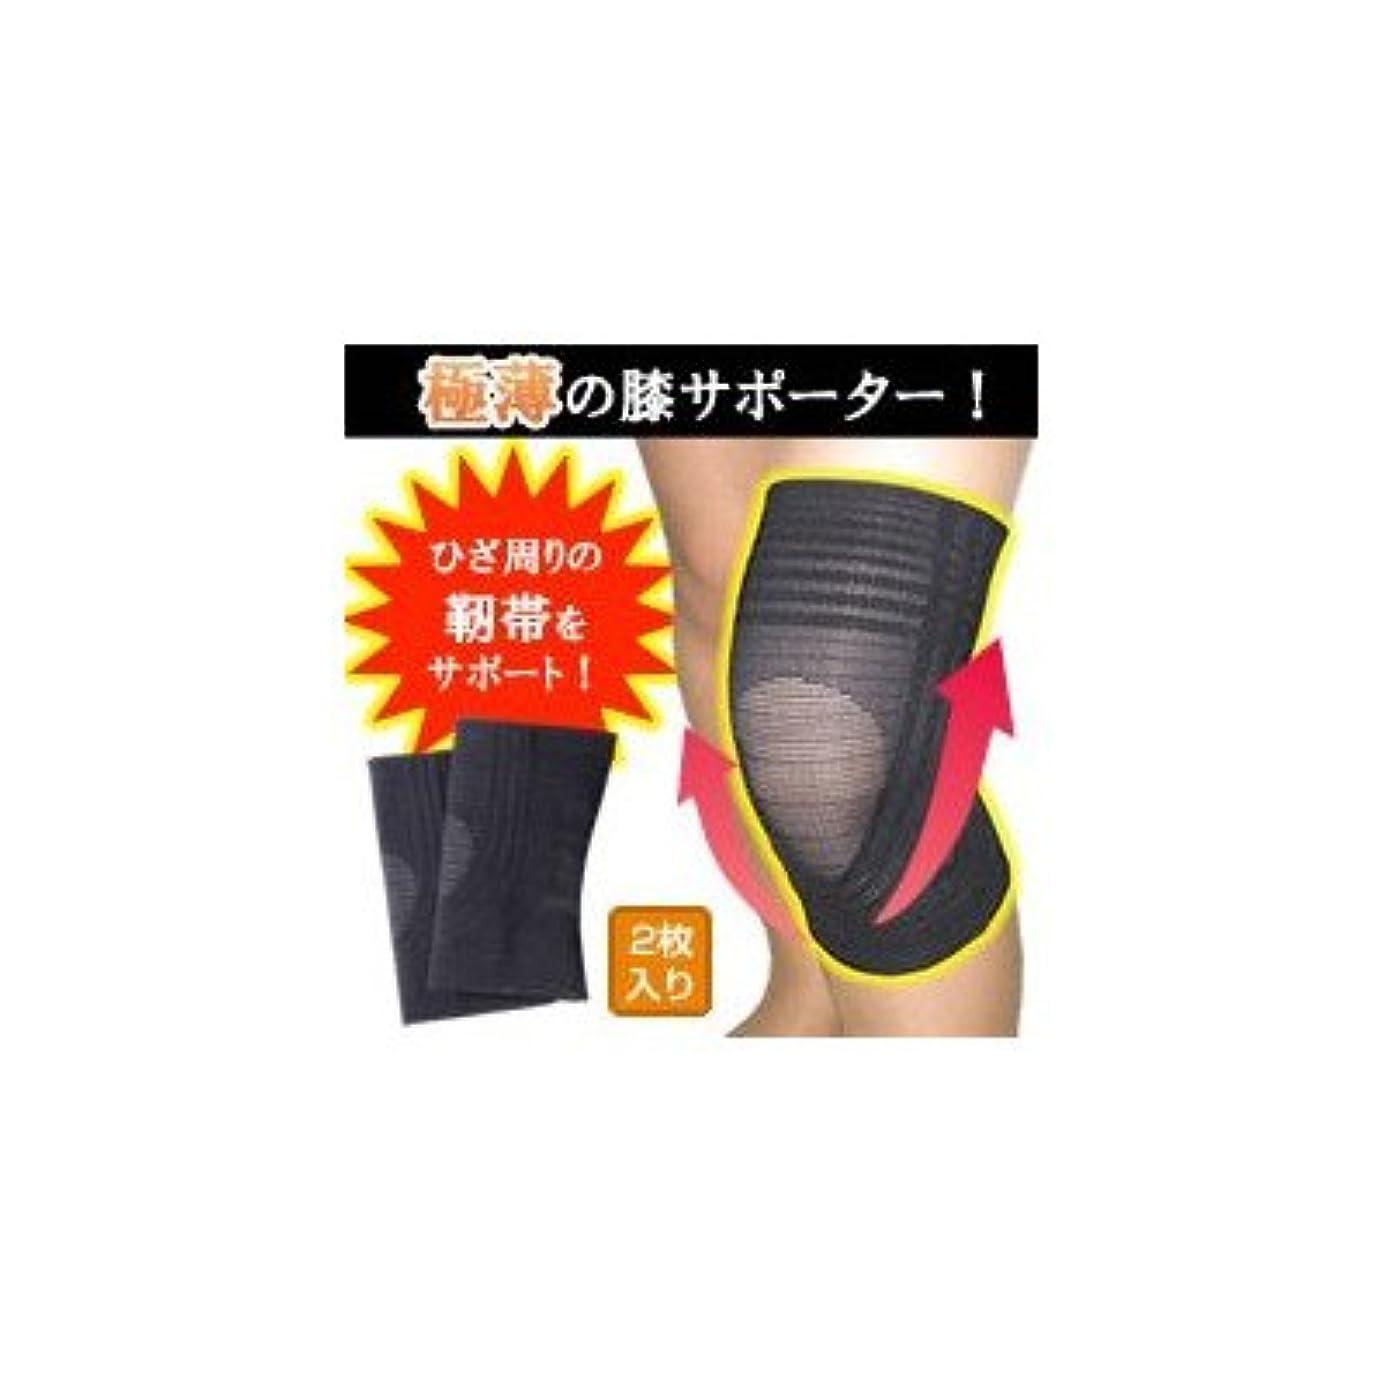 失効生産性発明縁の下の膝靭帯サポーター M( 画像はイメージ画像です お届けの商品はMのみとなります)